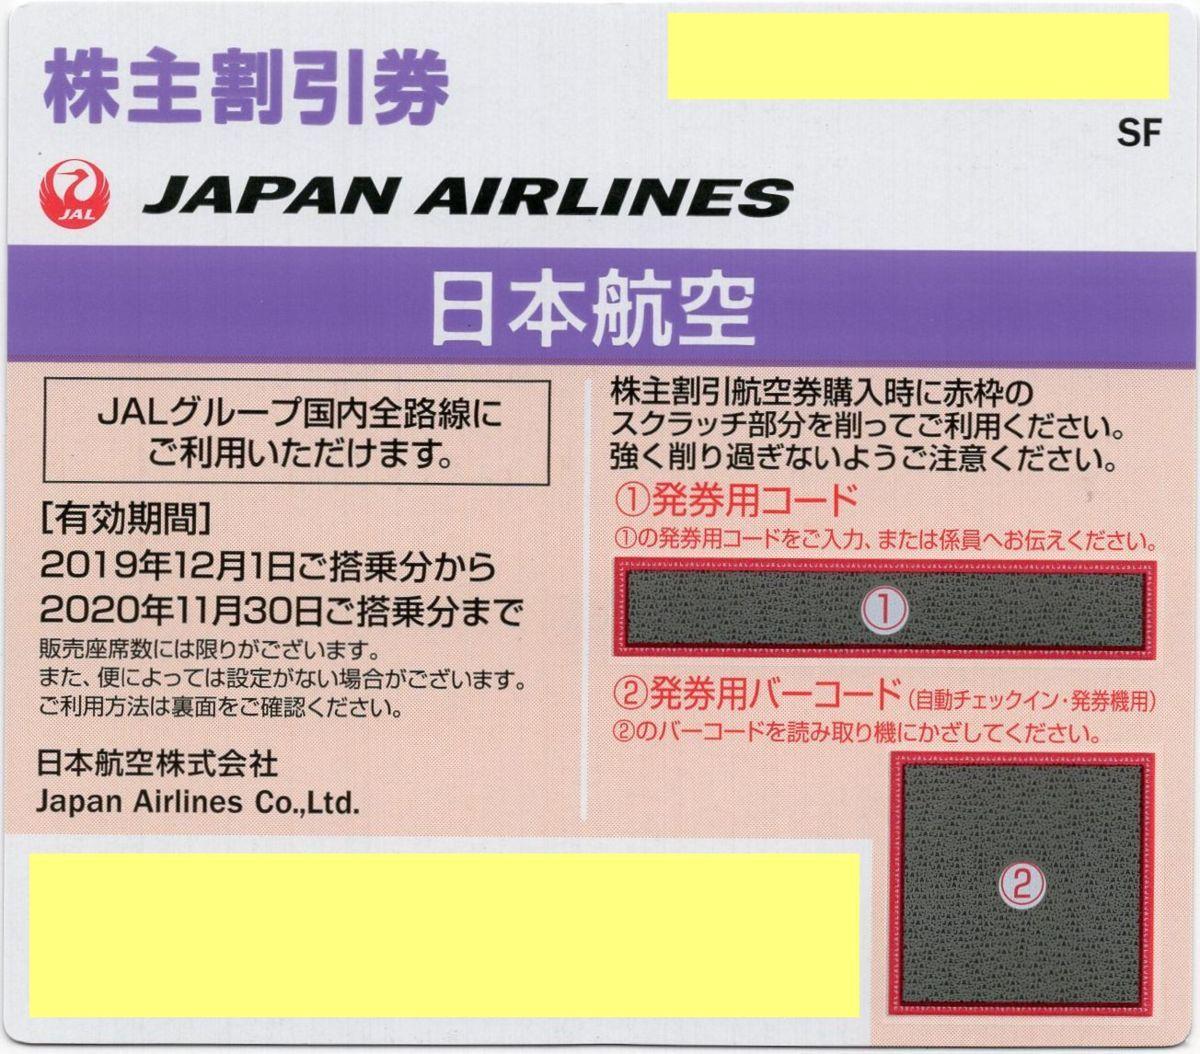 □.JAL 株主割引券[平日10-16時は迅速対応] 1-6枚 2021/5/31期限(紫/期限延長) [番号メール通知は送料無料] 株主優待券 日本航空_画像1